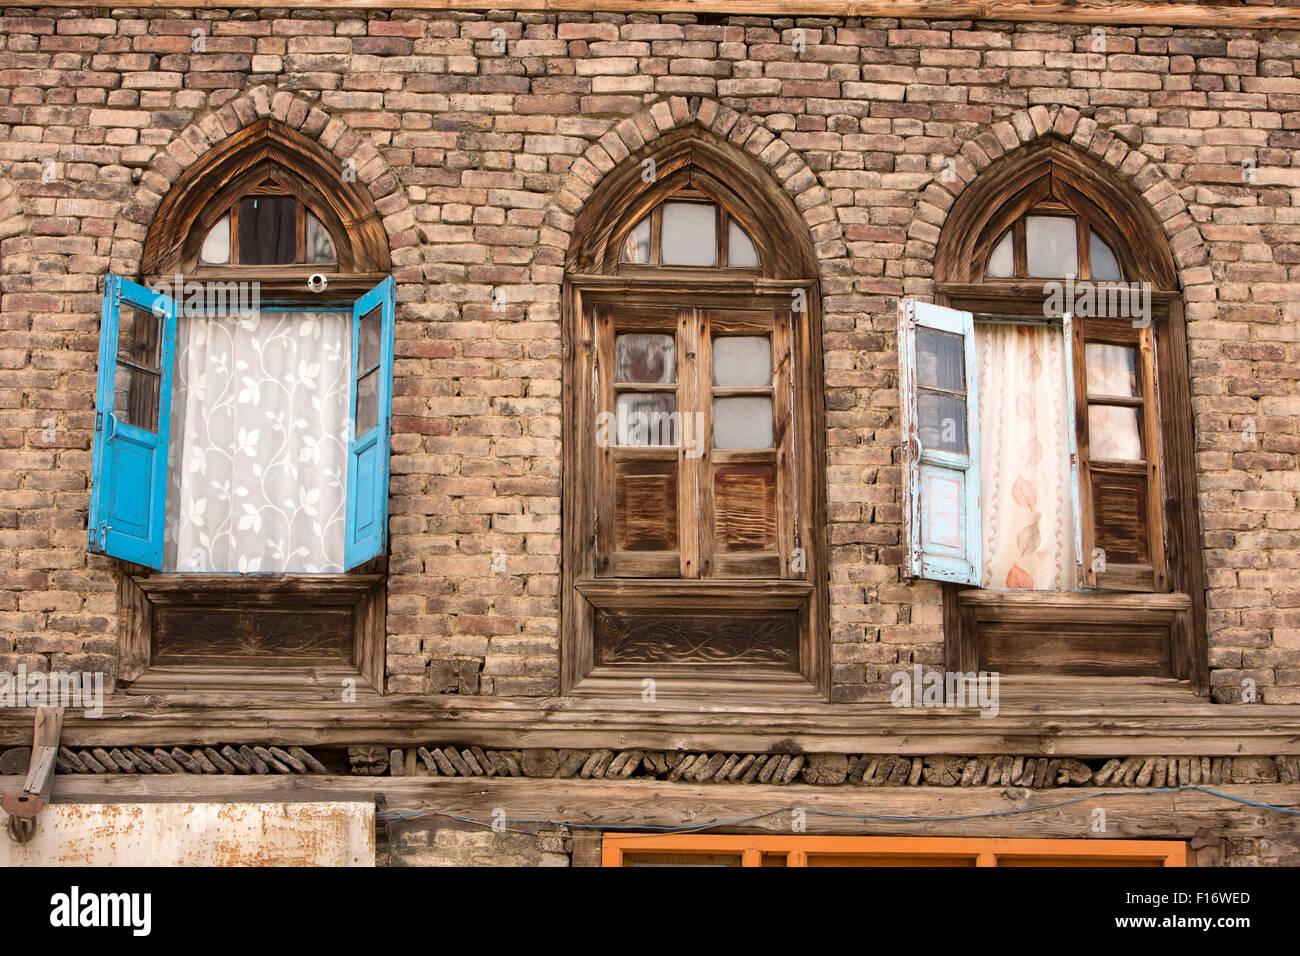 India jammu kashmir srinagar fateh kadal gothic arched windows of colonial